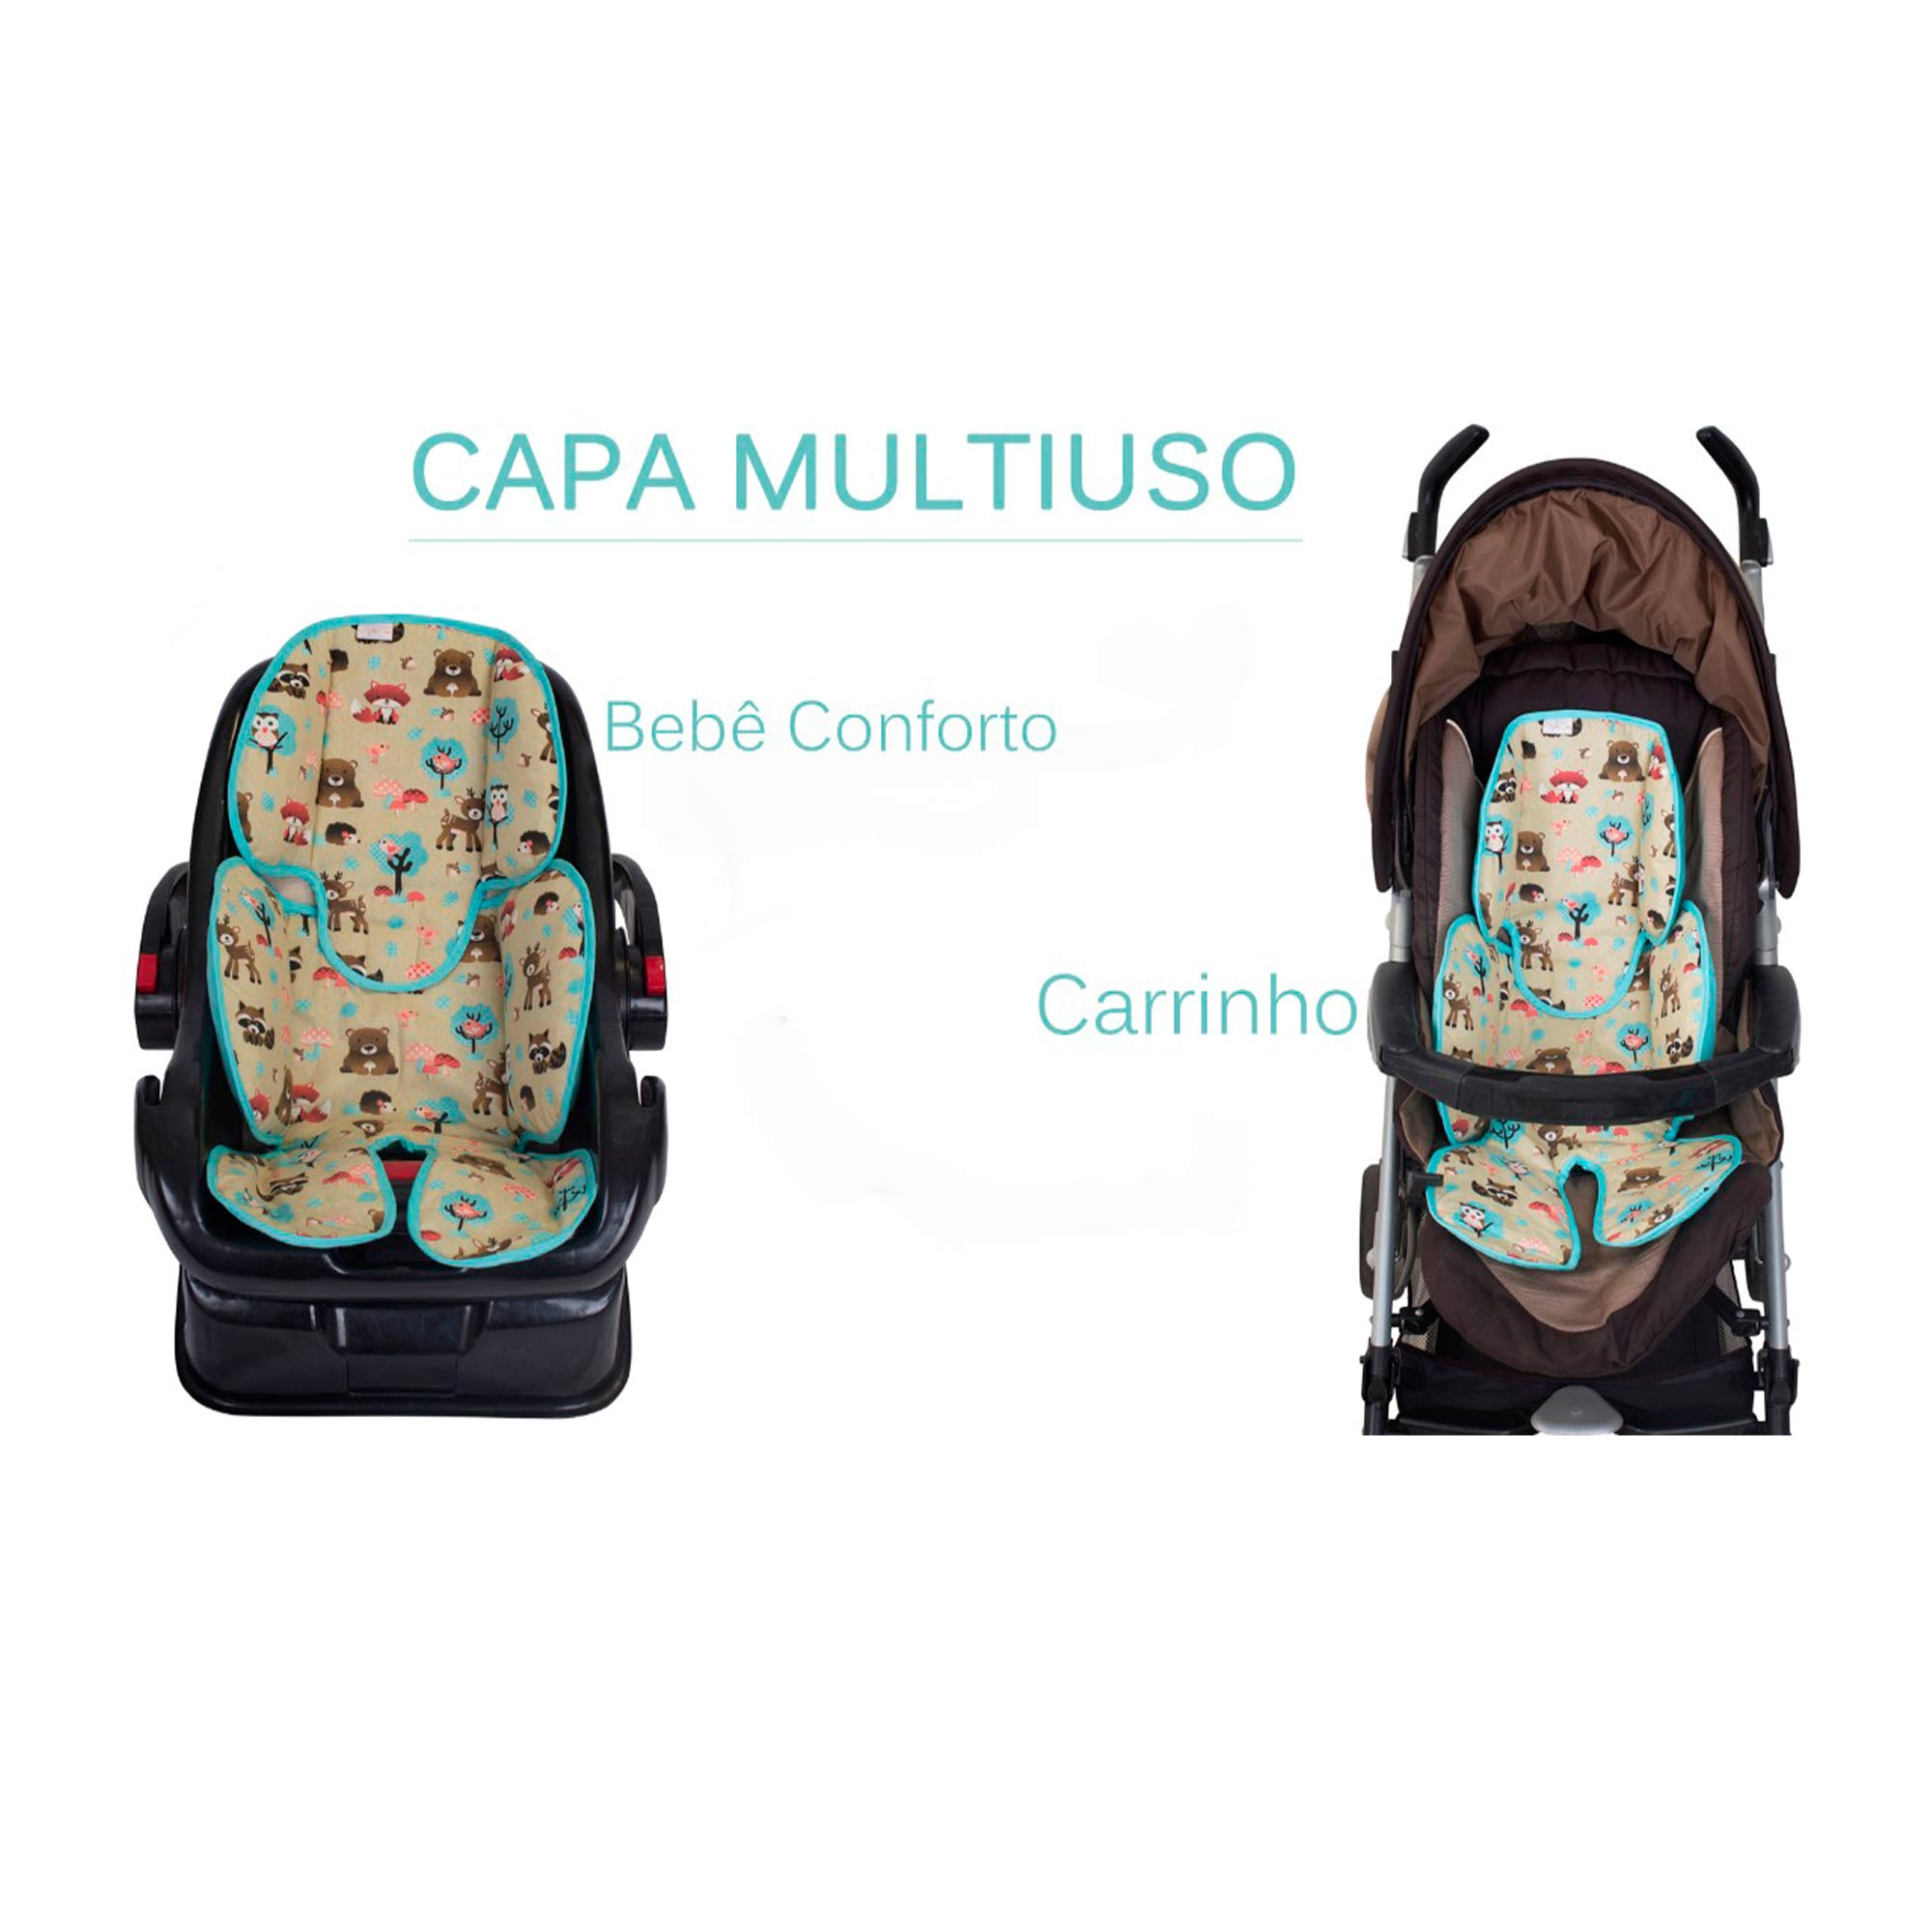 Redutor de Bebê Conforto e Carrinho Dino Verde  - Toca do Bebê